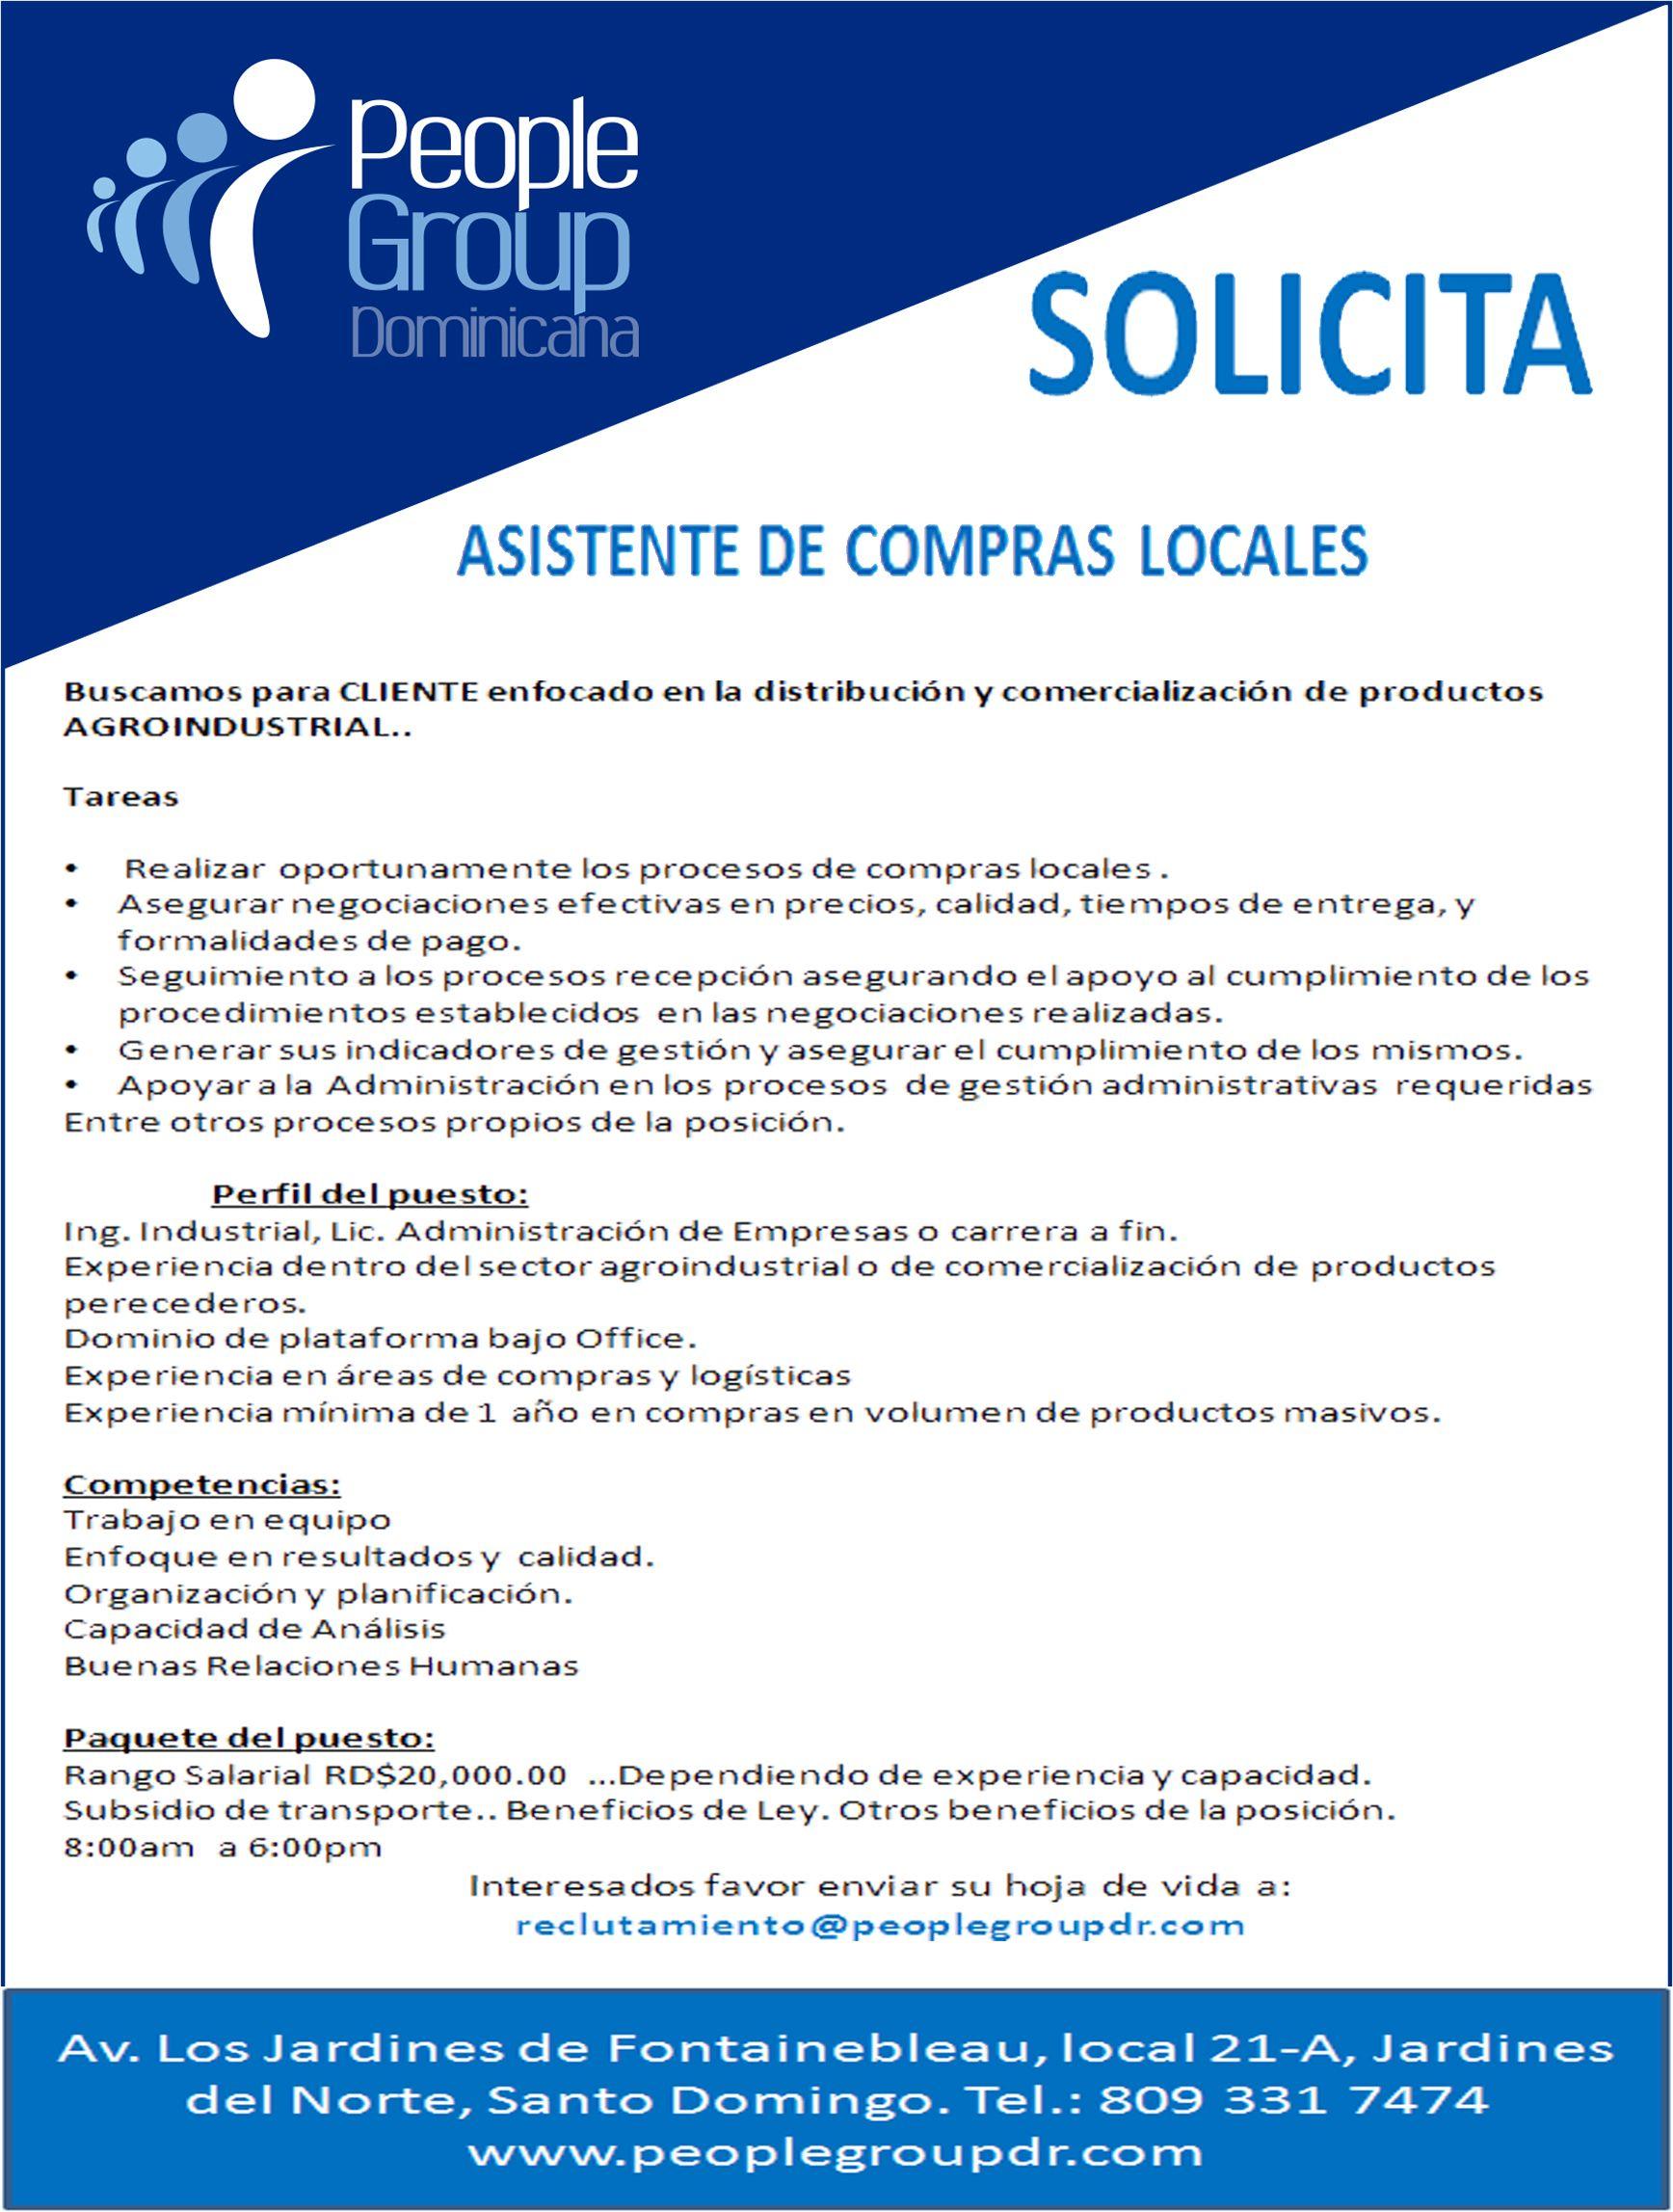 Buscamos ASISTENTES DE COMPRAS LOCALES, enviar cv a reclutamiento ...